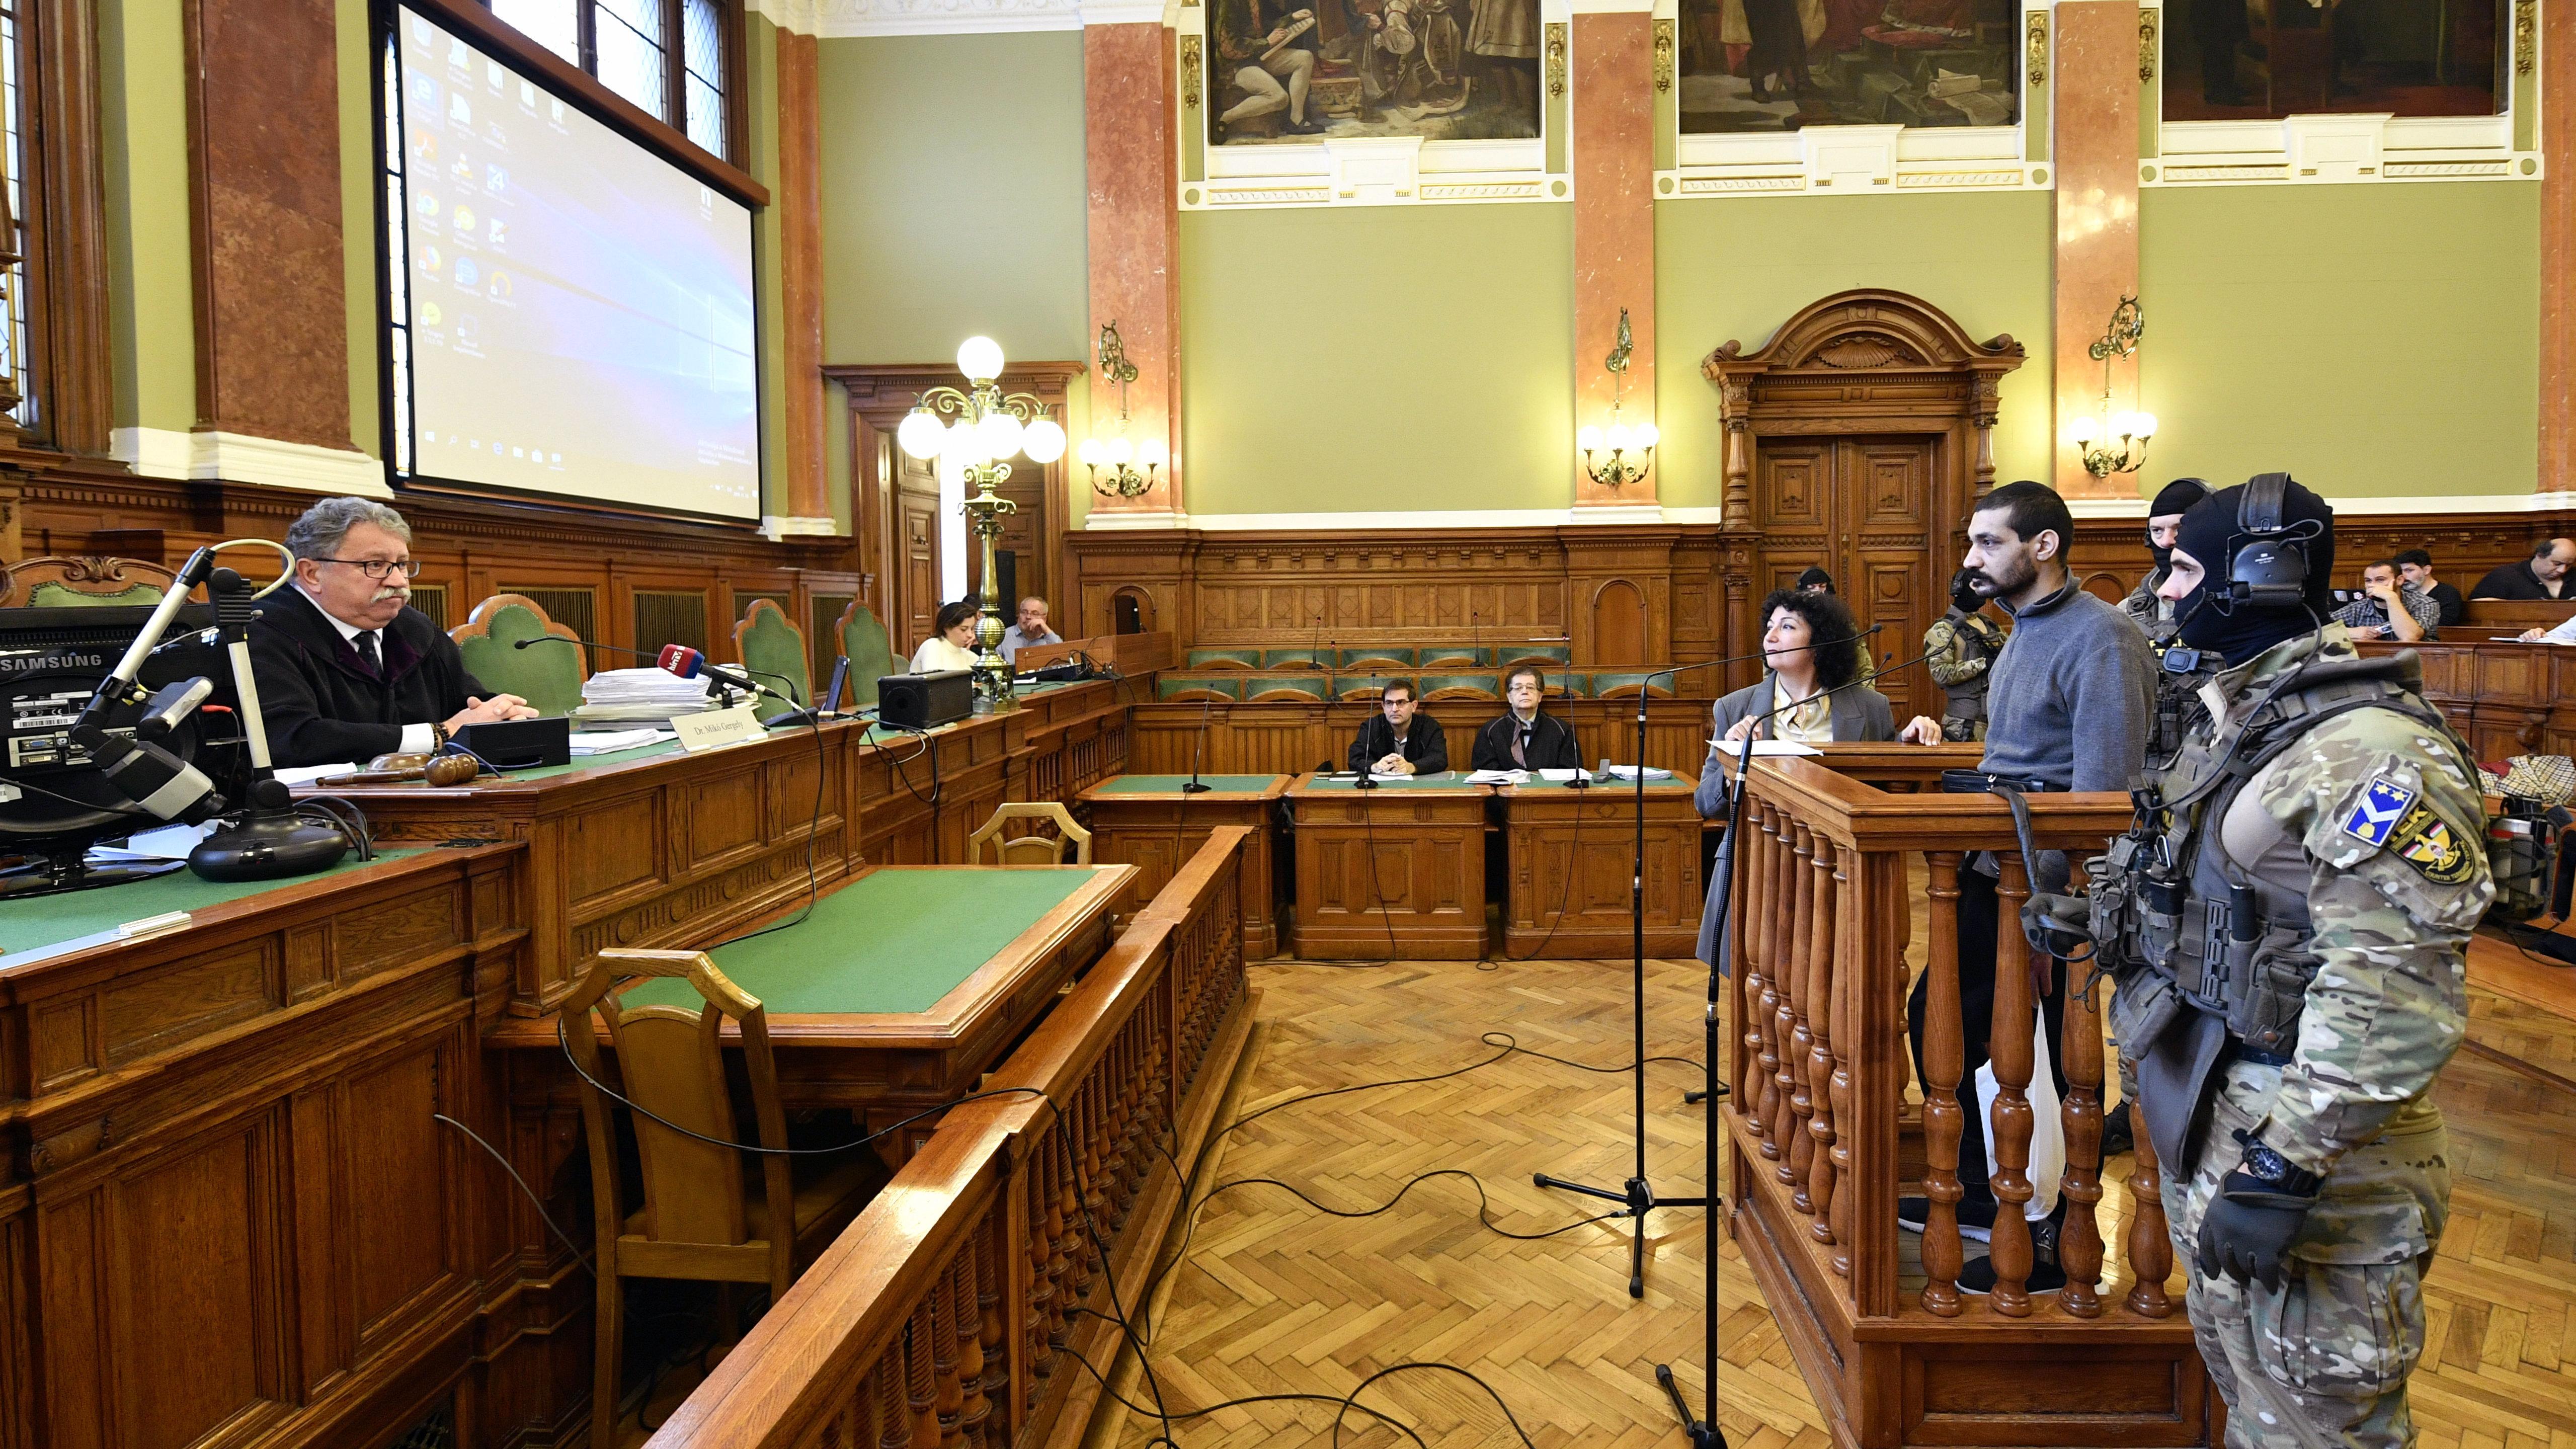 Angeblicher IS-Anhänger in Ungarn vor Gericht